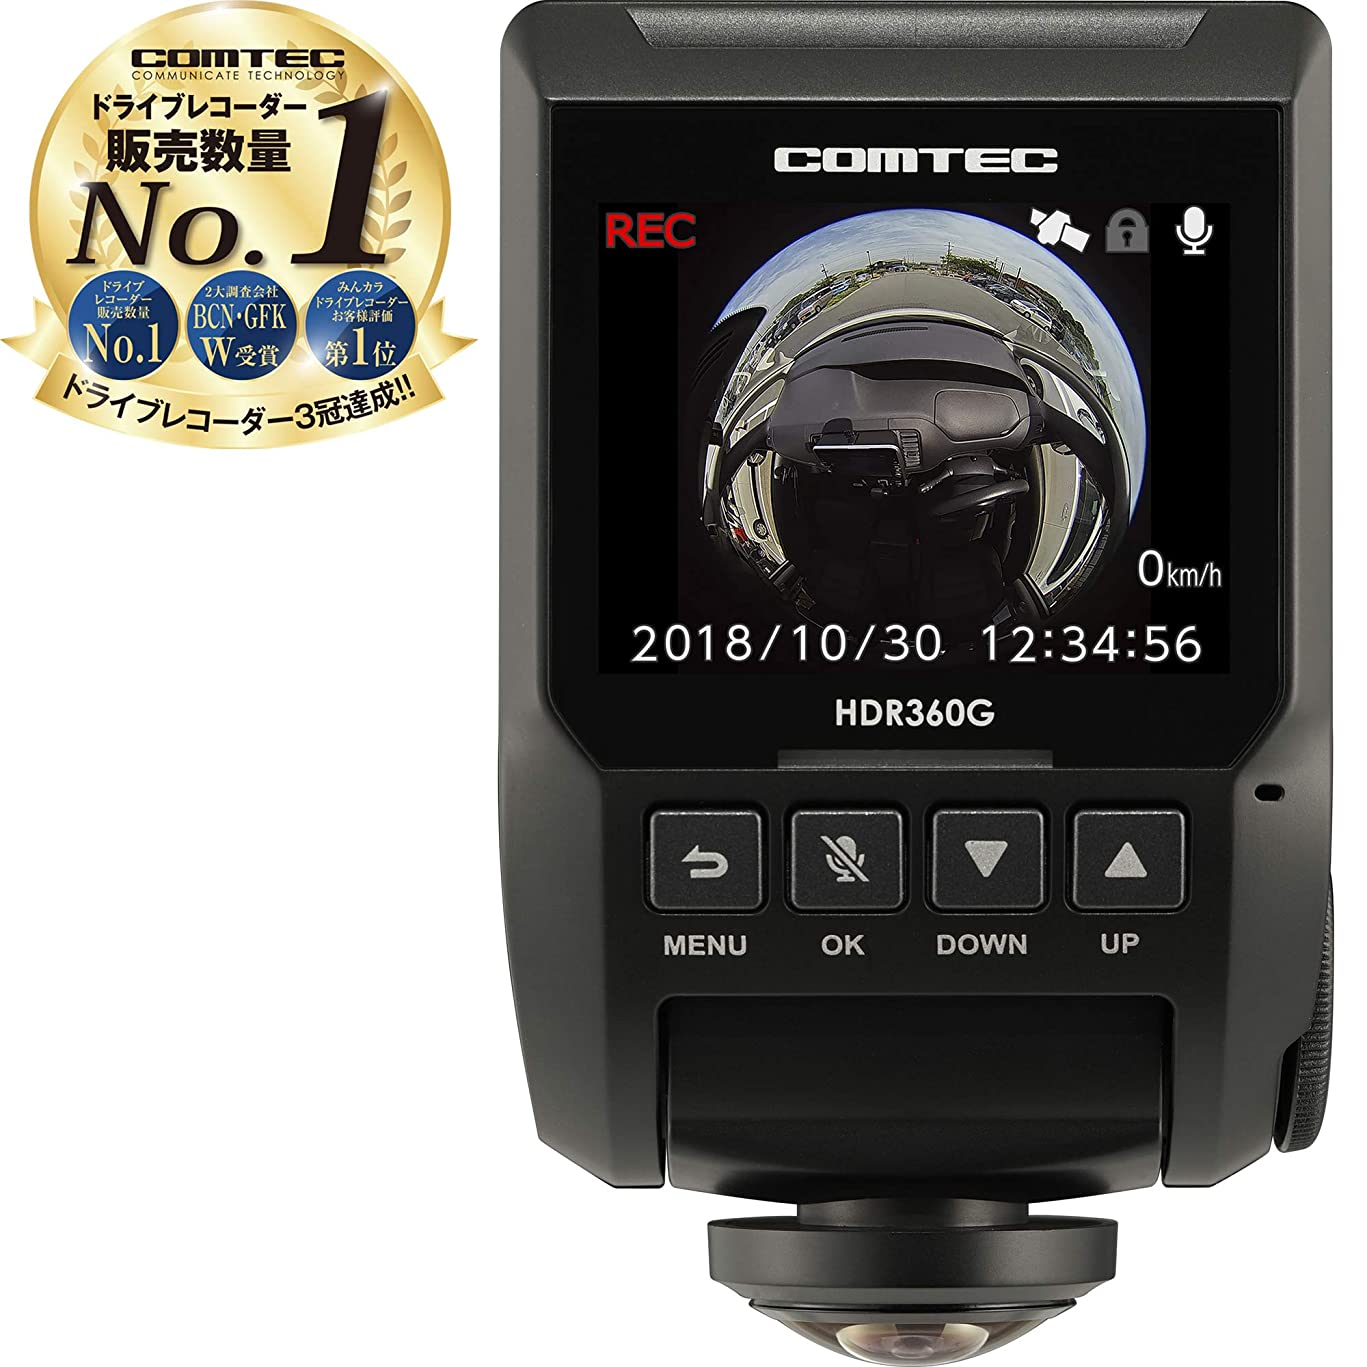 攻撃的破壊するロケーションコムテック 360°全方向対応ドライブレコーダー HDR360G 12/24V対応 日本製 3年保証 常時録画 衝撃録画 GPS  安全運転支援 駐車監視 補償サービス2万円